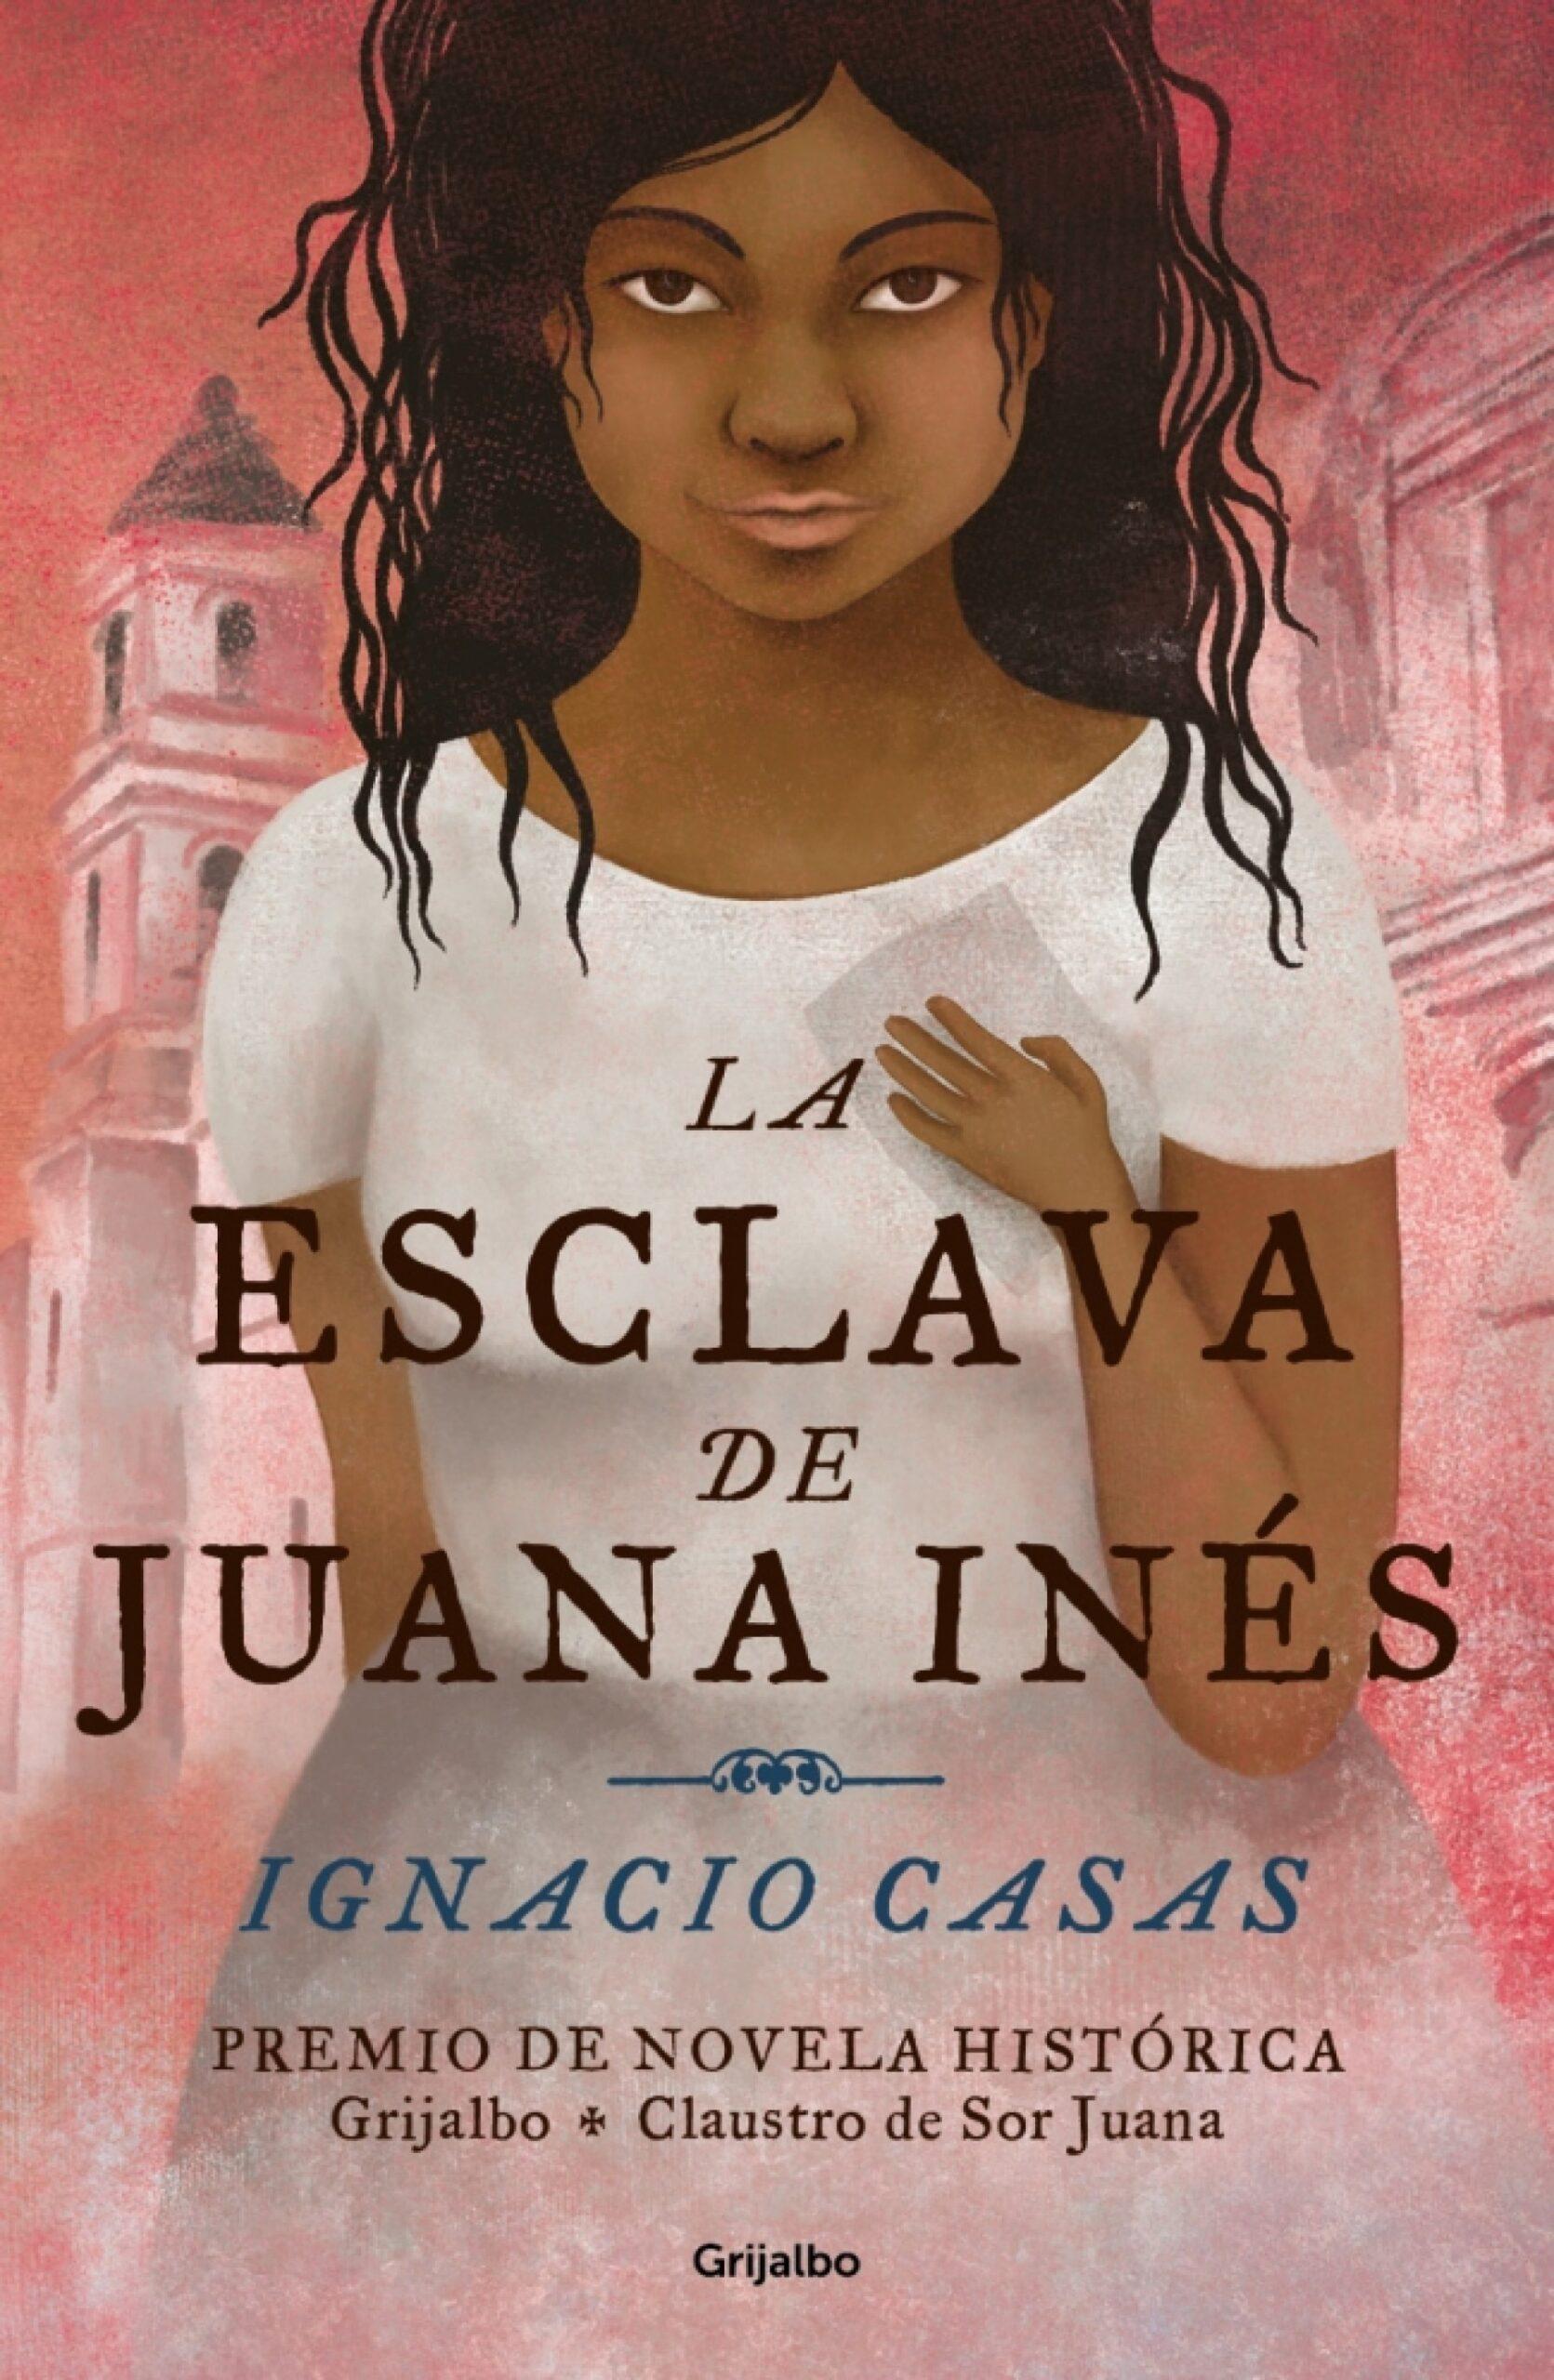 La esclava de Juana Inés Book Cover